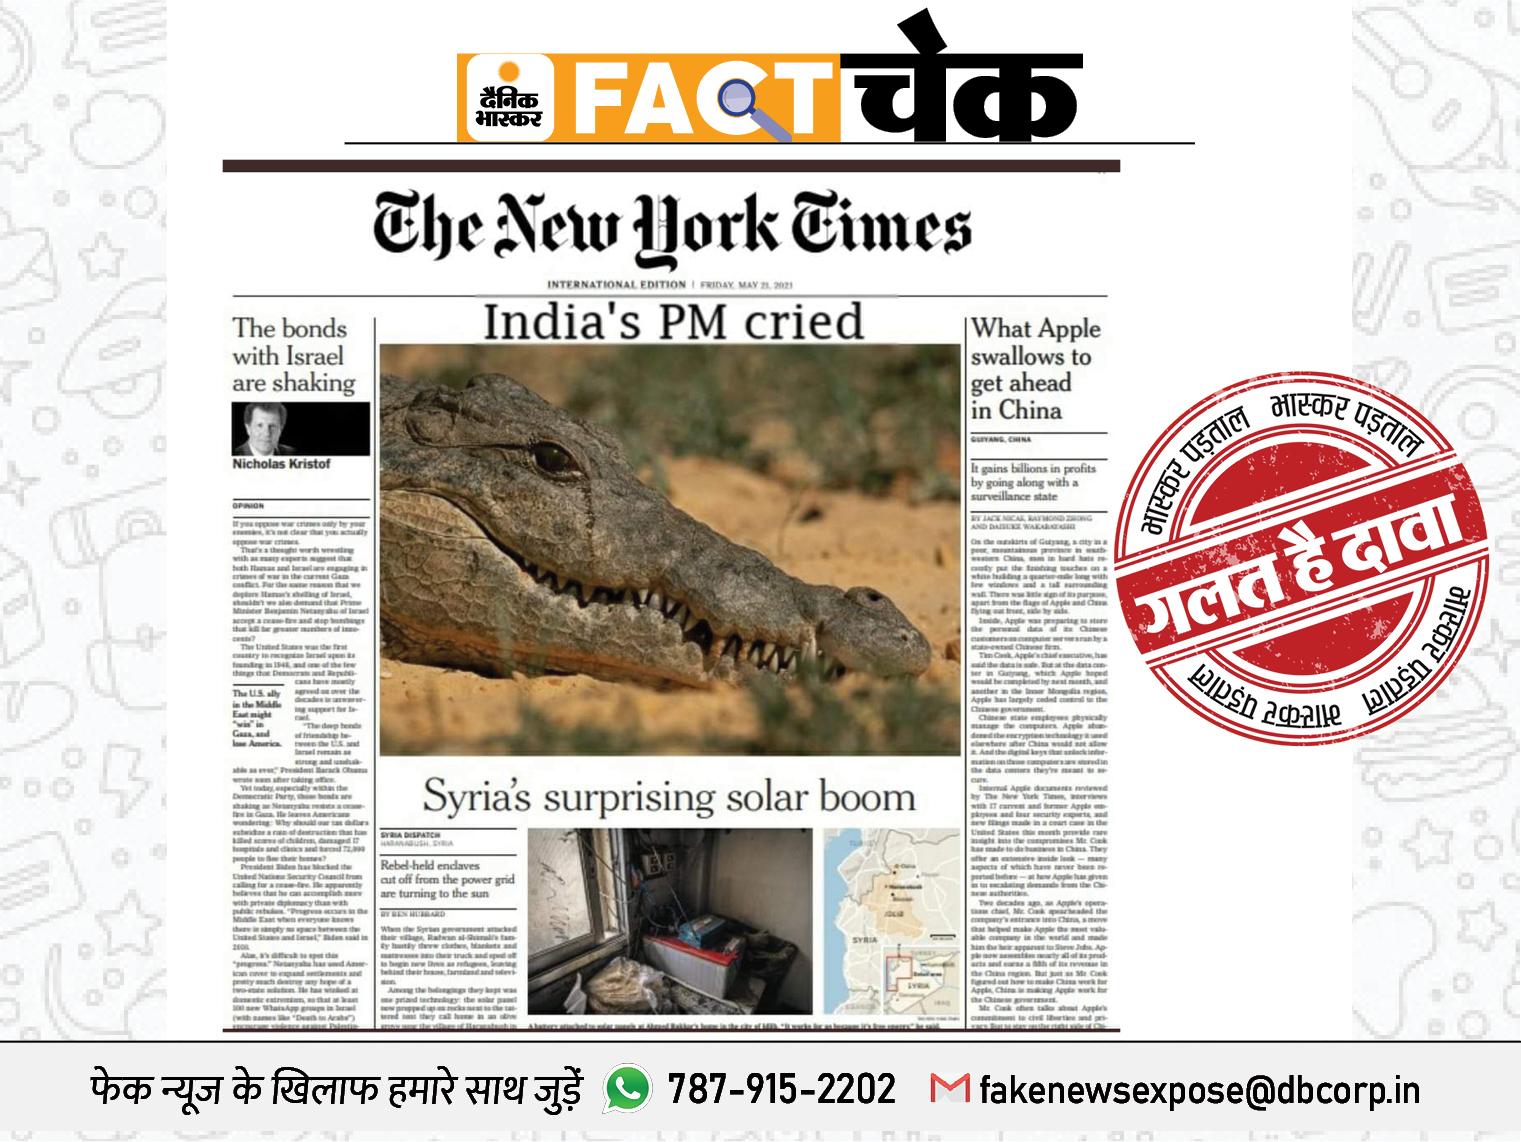 न्यूयार्क टाइम्स ने PM मोदी का मजाक उड़ाते हुए छापी आंसू बहाते मगरमच्छ की फोटो? जानिए इसकी सच्चाई|फेक न्यूज़ एक्सपोज़,Fake News Expose - Dainik Bhaskar